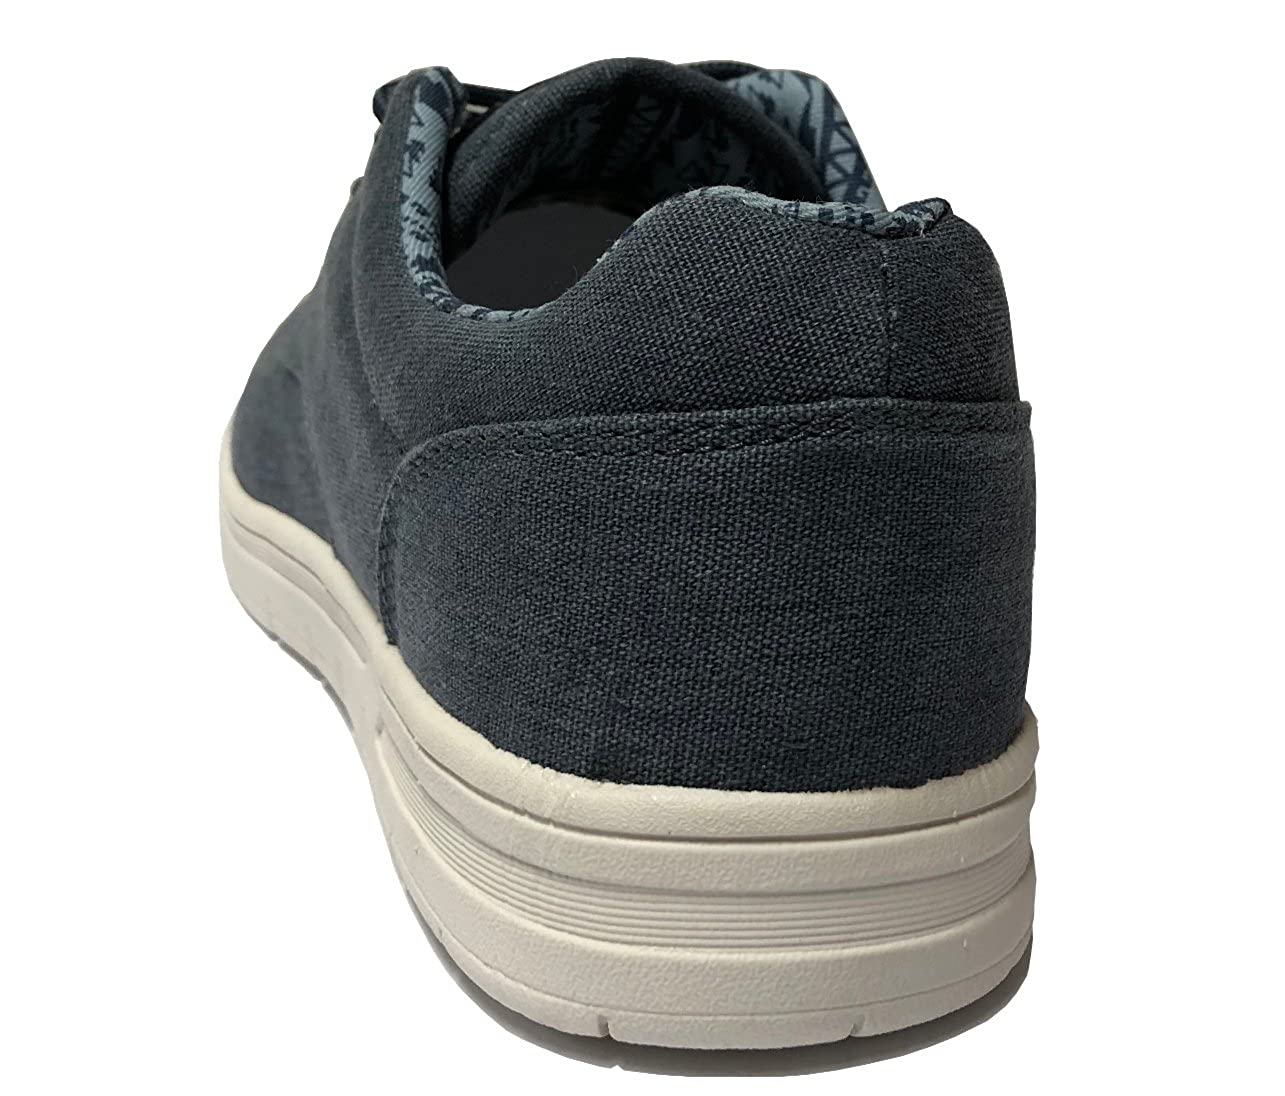 Criss Cross BBT Herrenschuhe Sneaker Schuhe Halbschuhe